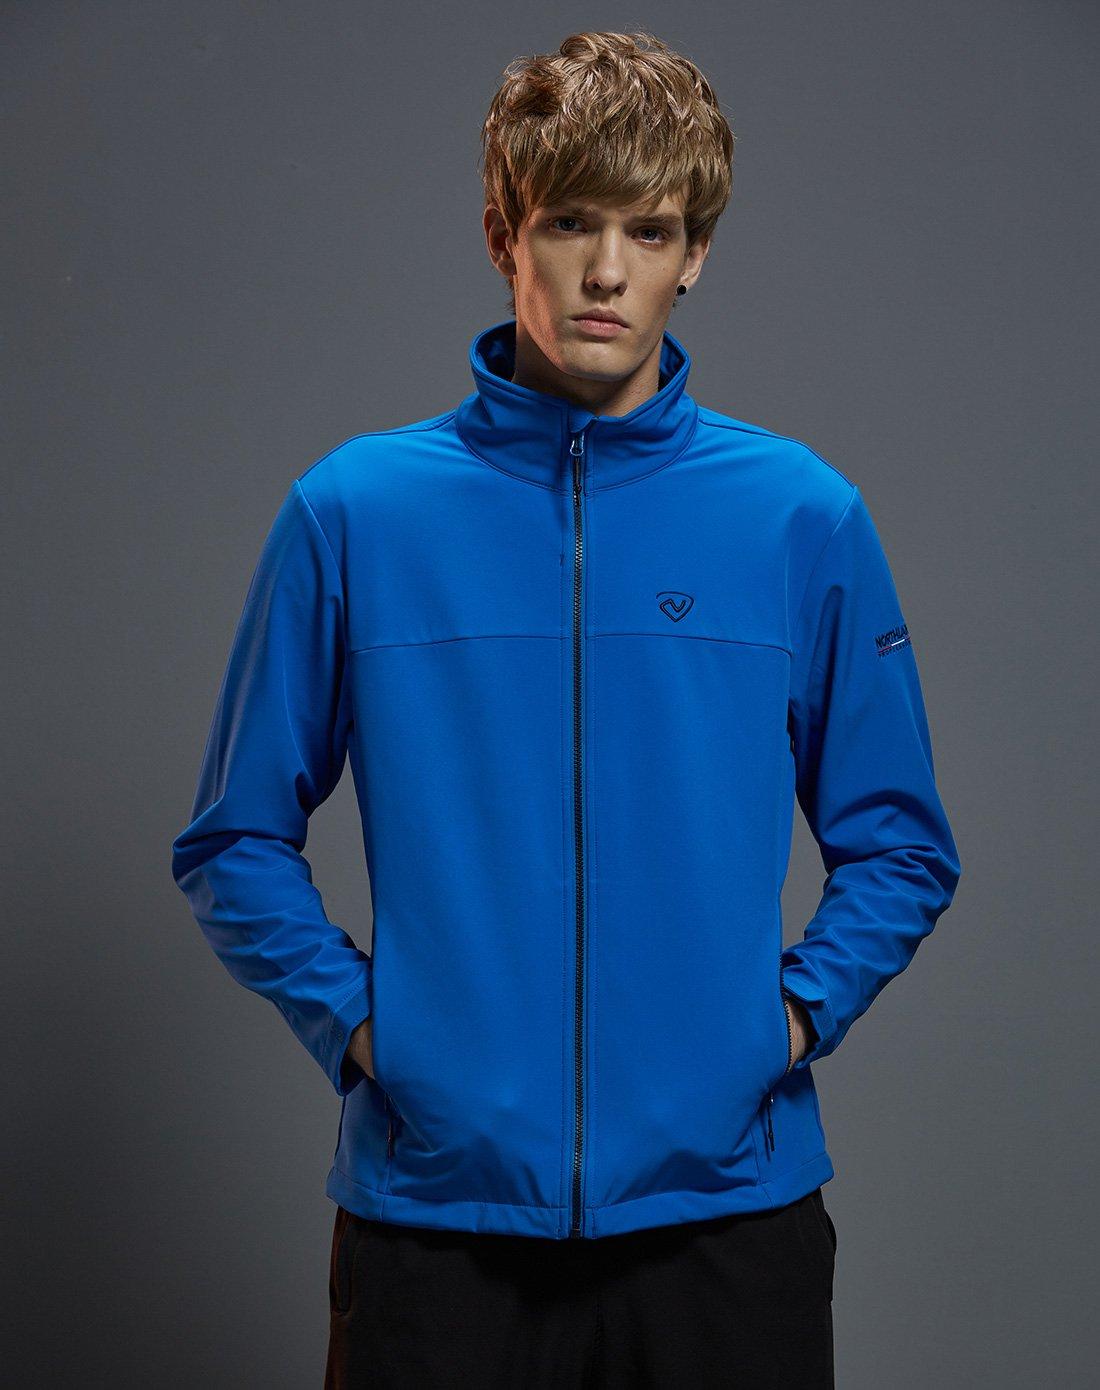 诺诗兰防风保暖 弹力舒适 男式软壳衣外套防风防泼水GF055593宝蓝色